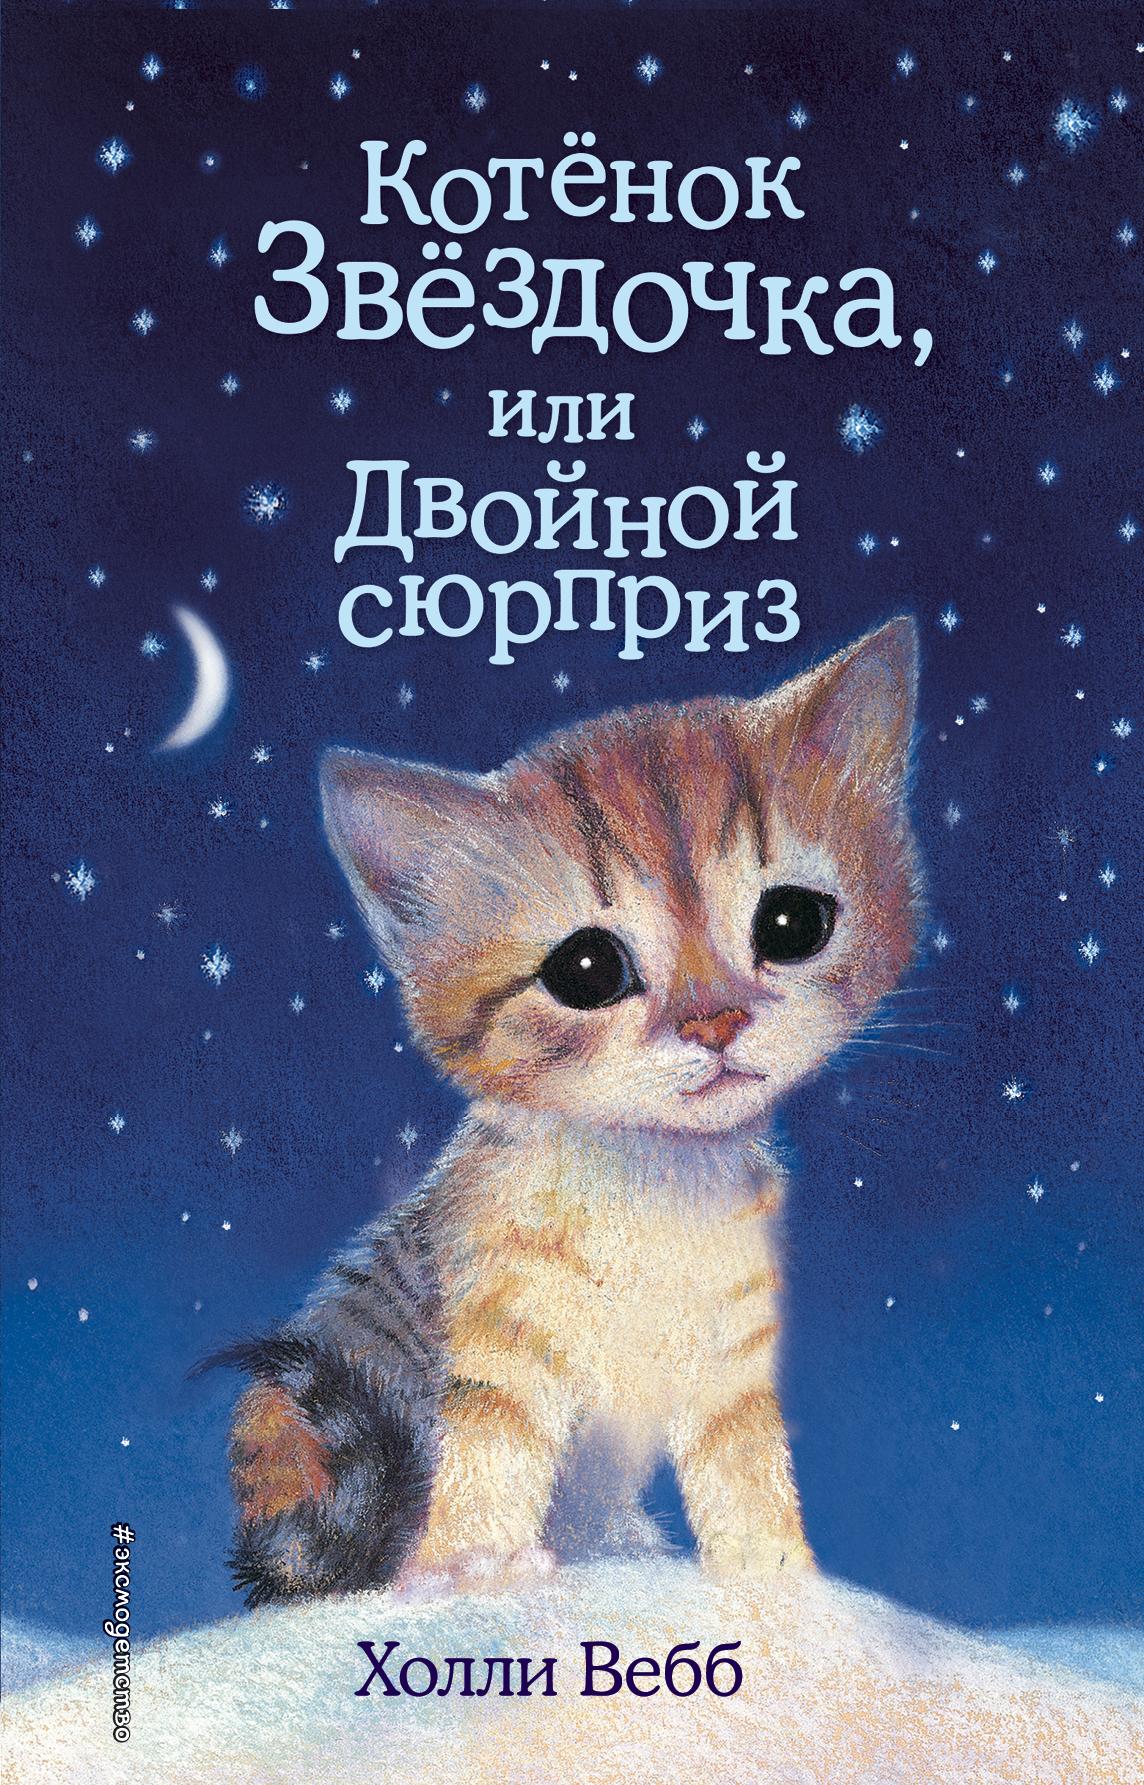 Котенок Звездочка, или Двойной сюрприз ( Холли Вебб  )